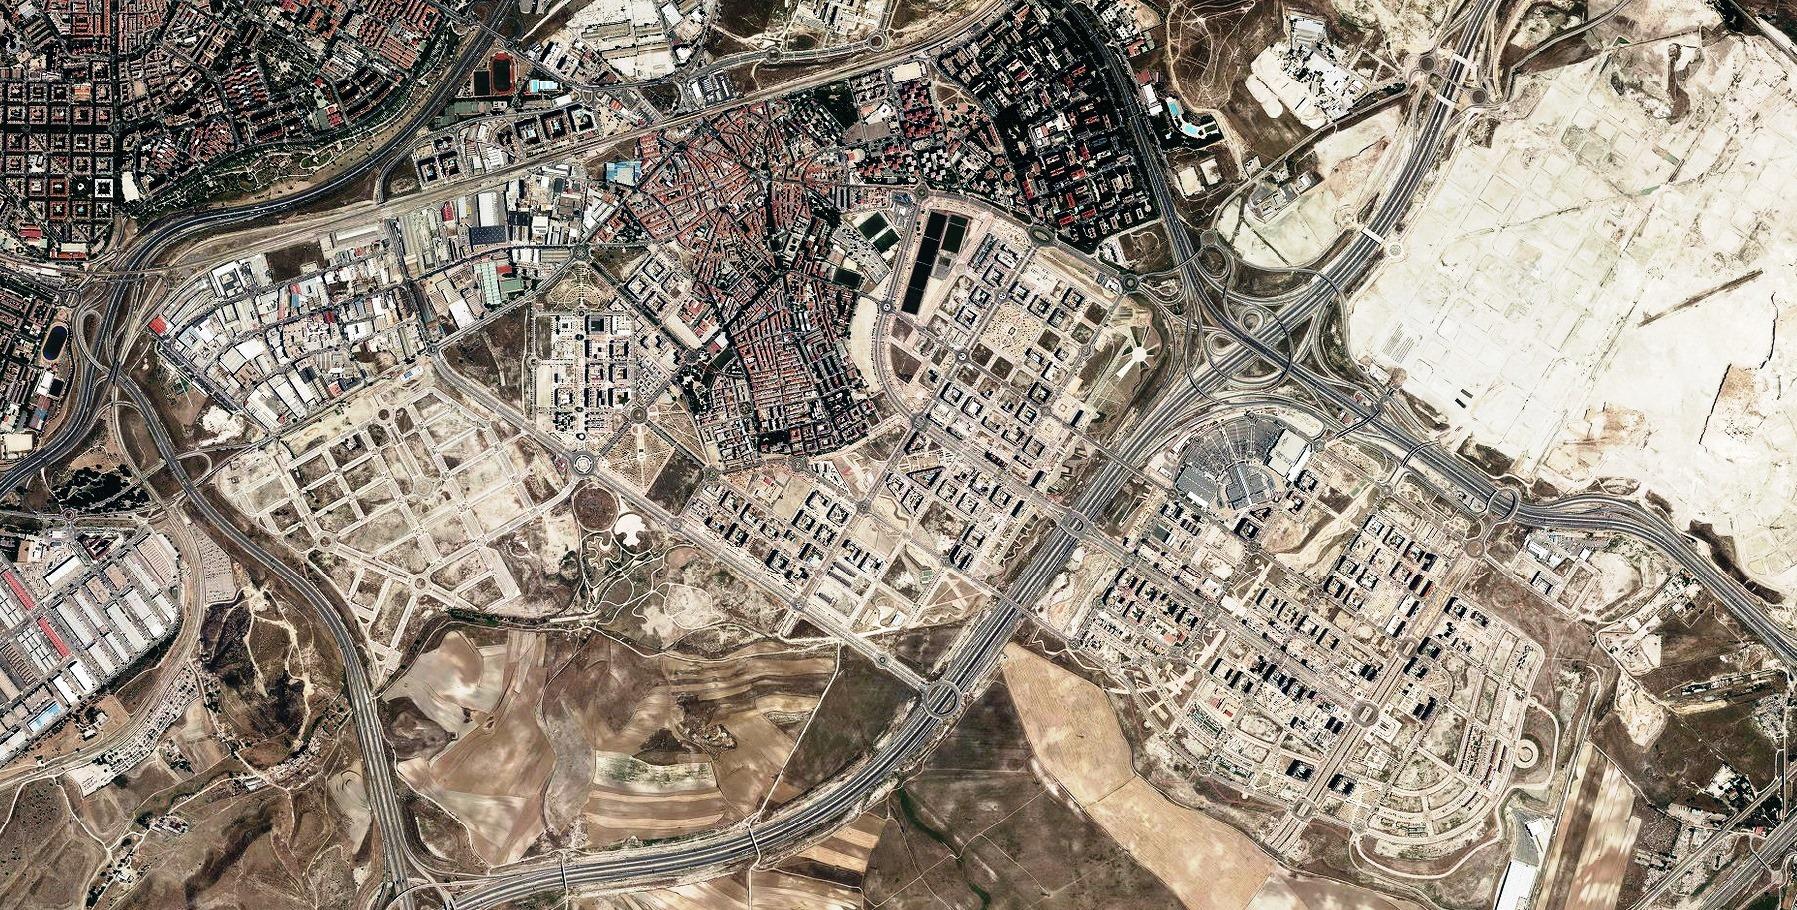 después, urbanismo, foto aérea,desastre, urbanístico, planeamiento, urbano, construcción, ensanche de Vallecas, Vallecas, Madrid